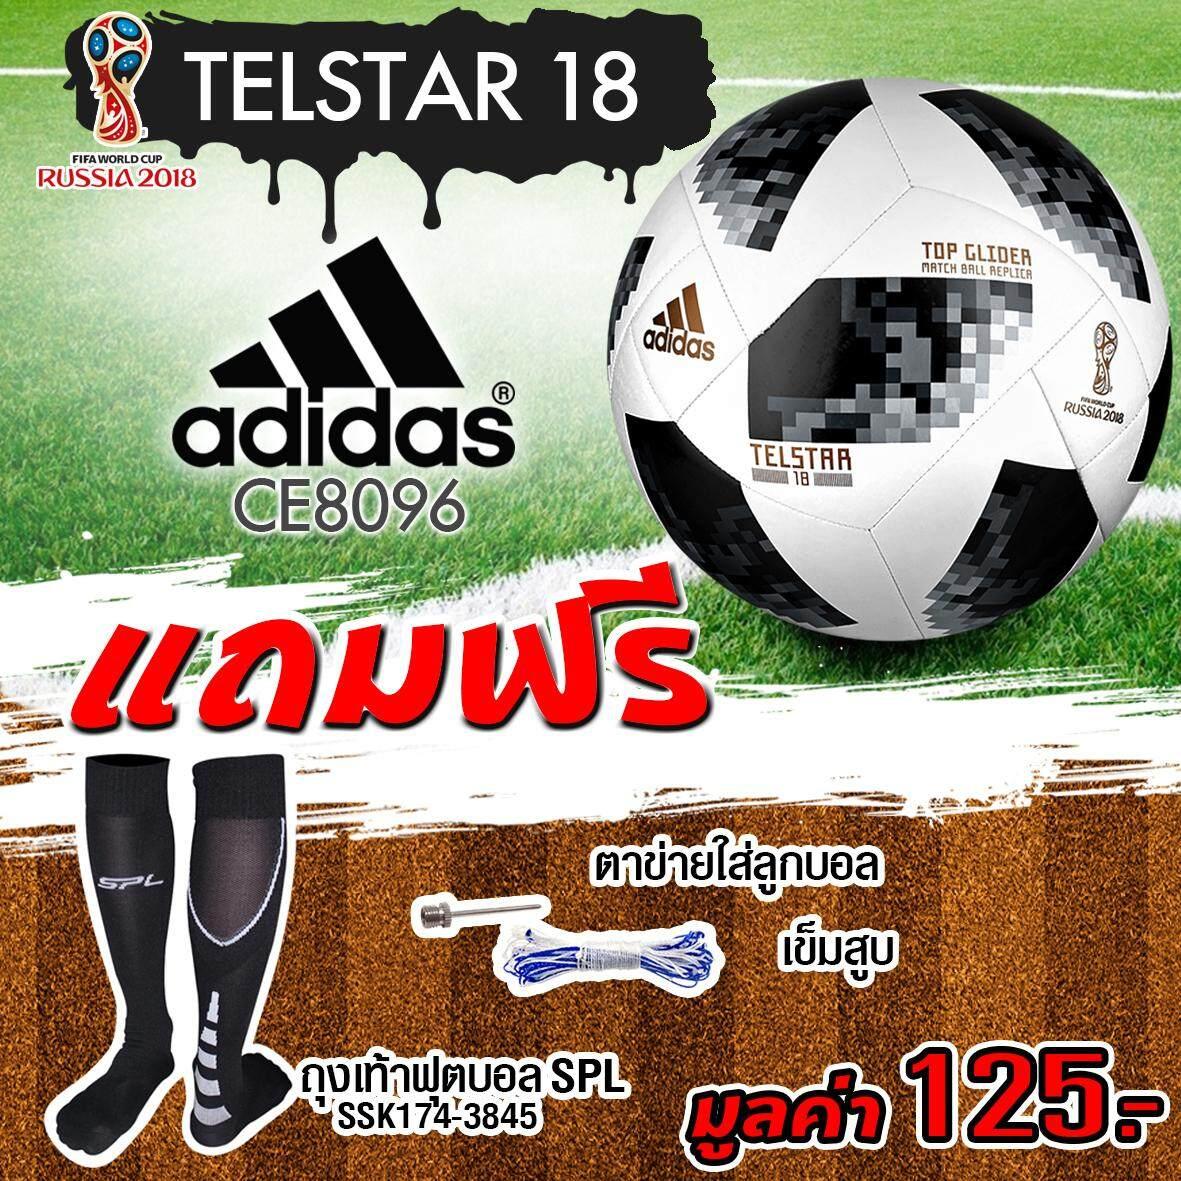 ยี่ห้อไหนดี  ADIDAS ฟุตบอลหนัง อาดิดาส  FIFA World Cup18 Top G Ball รุ่น Telstar CE8096 แถมฟรี ตาข่ายใส่ลูกฟุตบอล + เข็มสูบสูบลม + ถุงเท้าฟุตบอล Striker 17.3 สีดำ